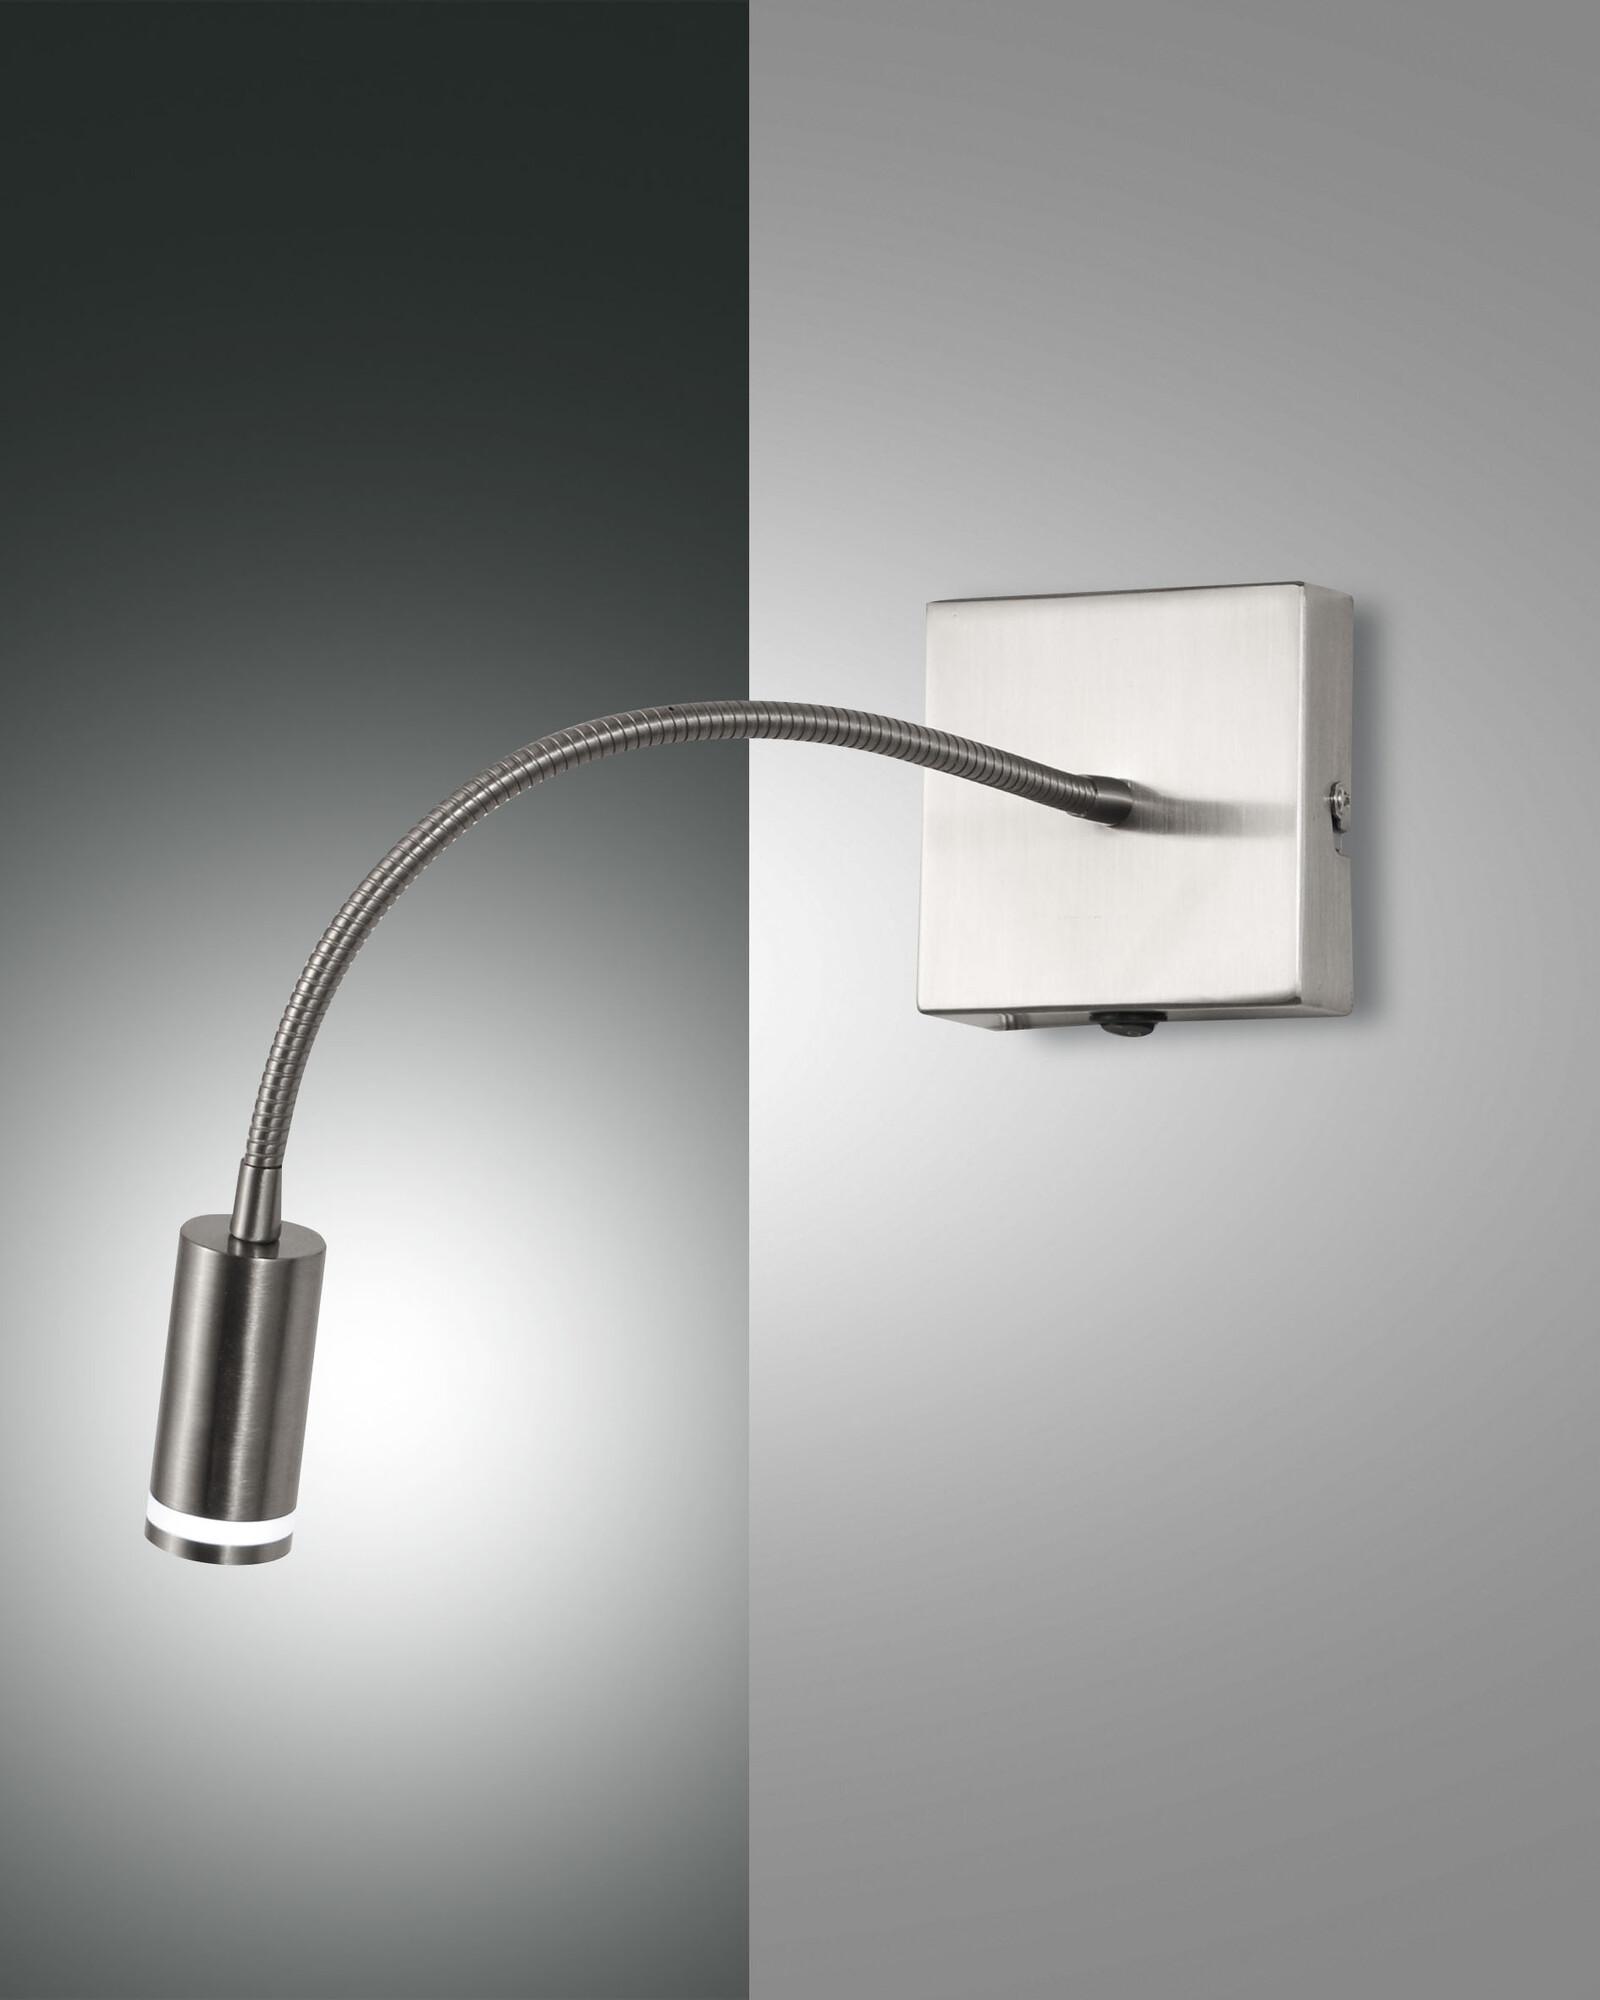 VIETRI Lampe de table LED 1x3W/270lm Argent